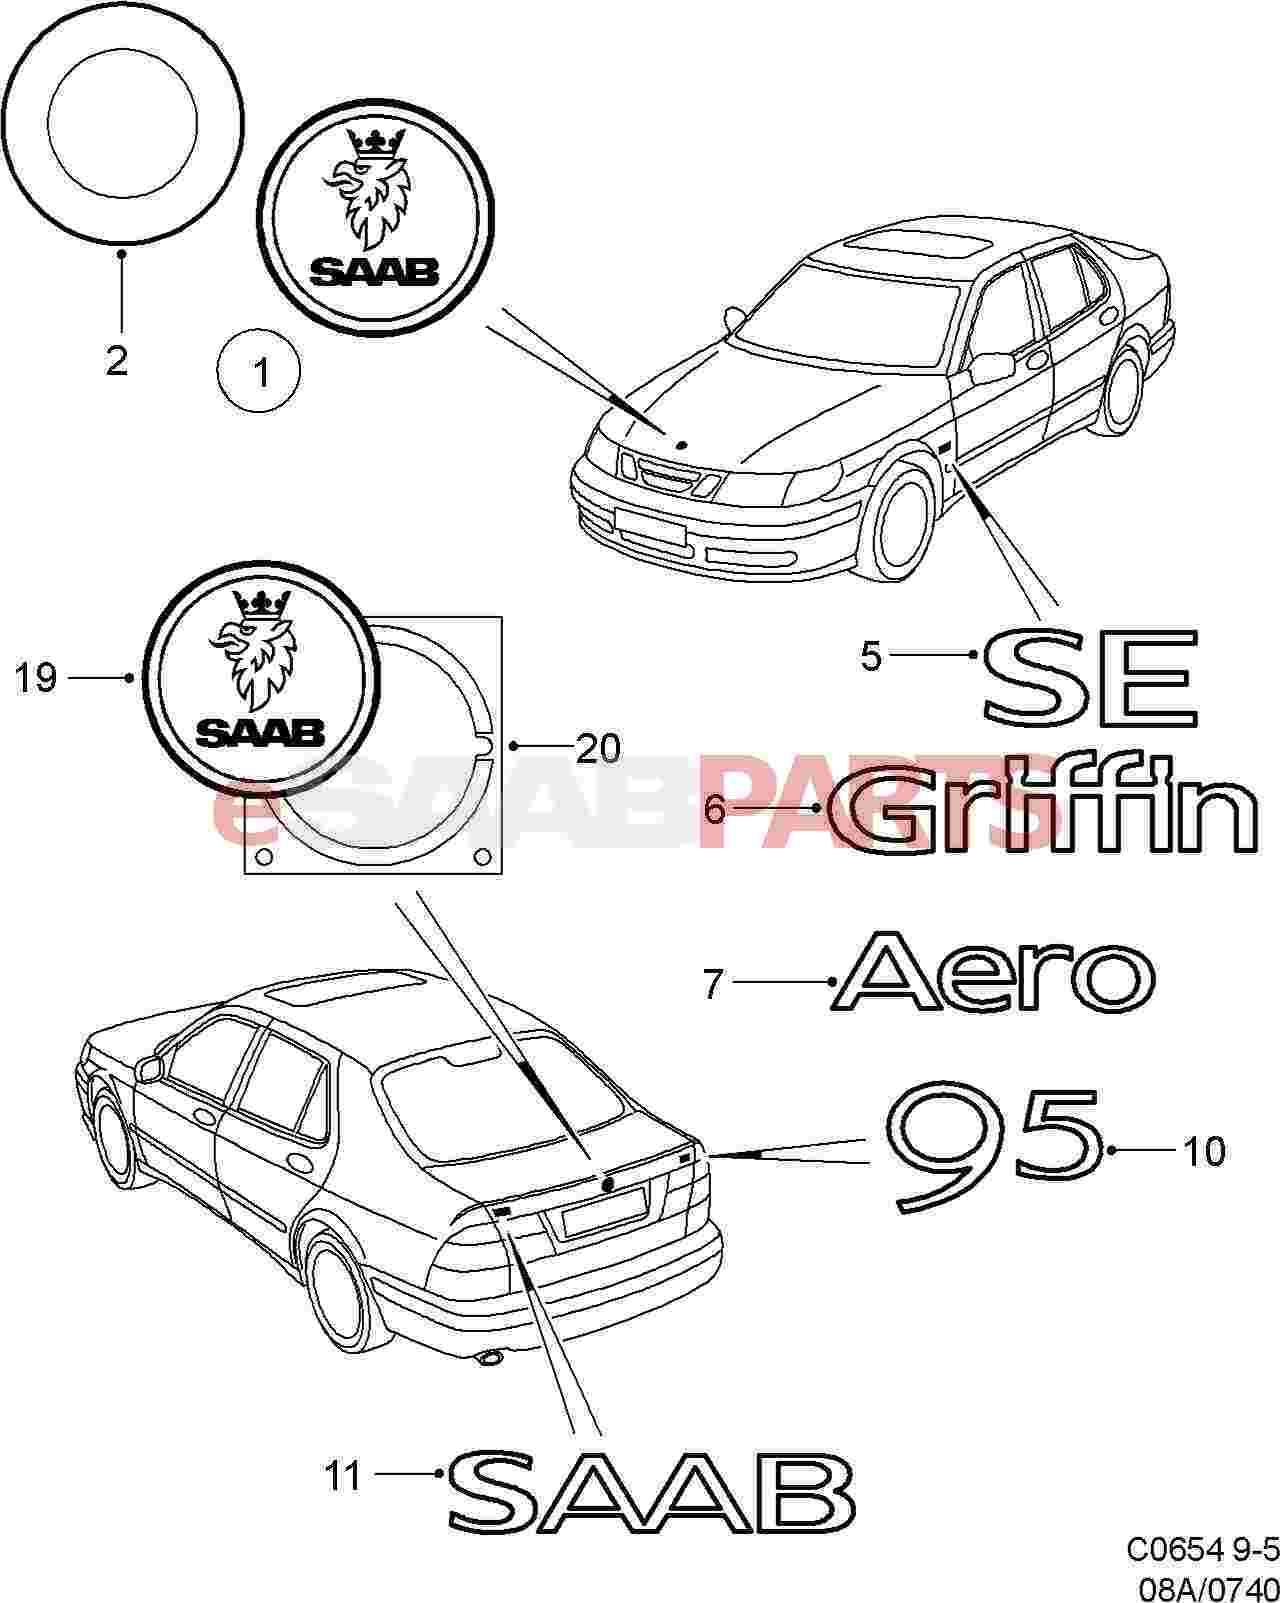 Saab Saab Emblem